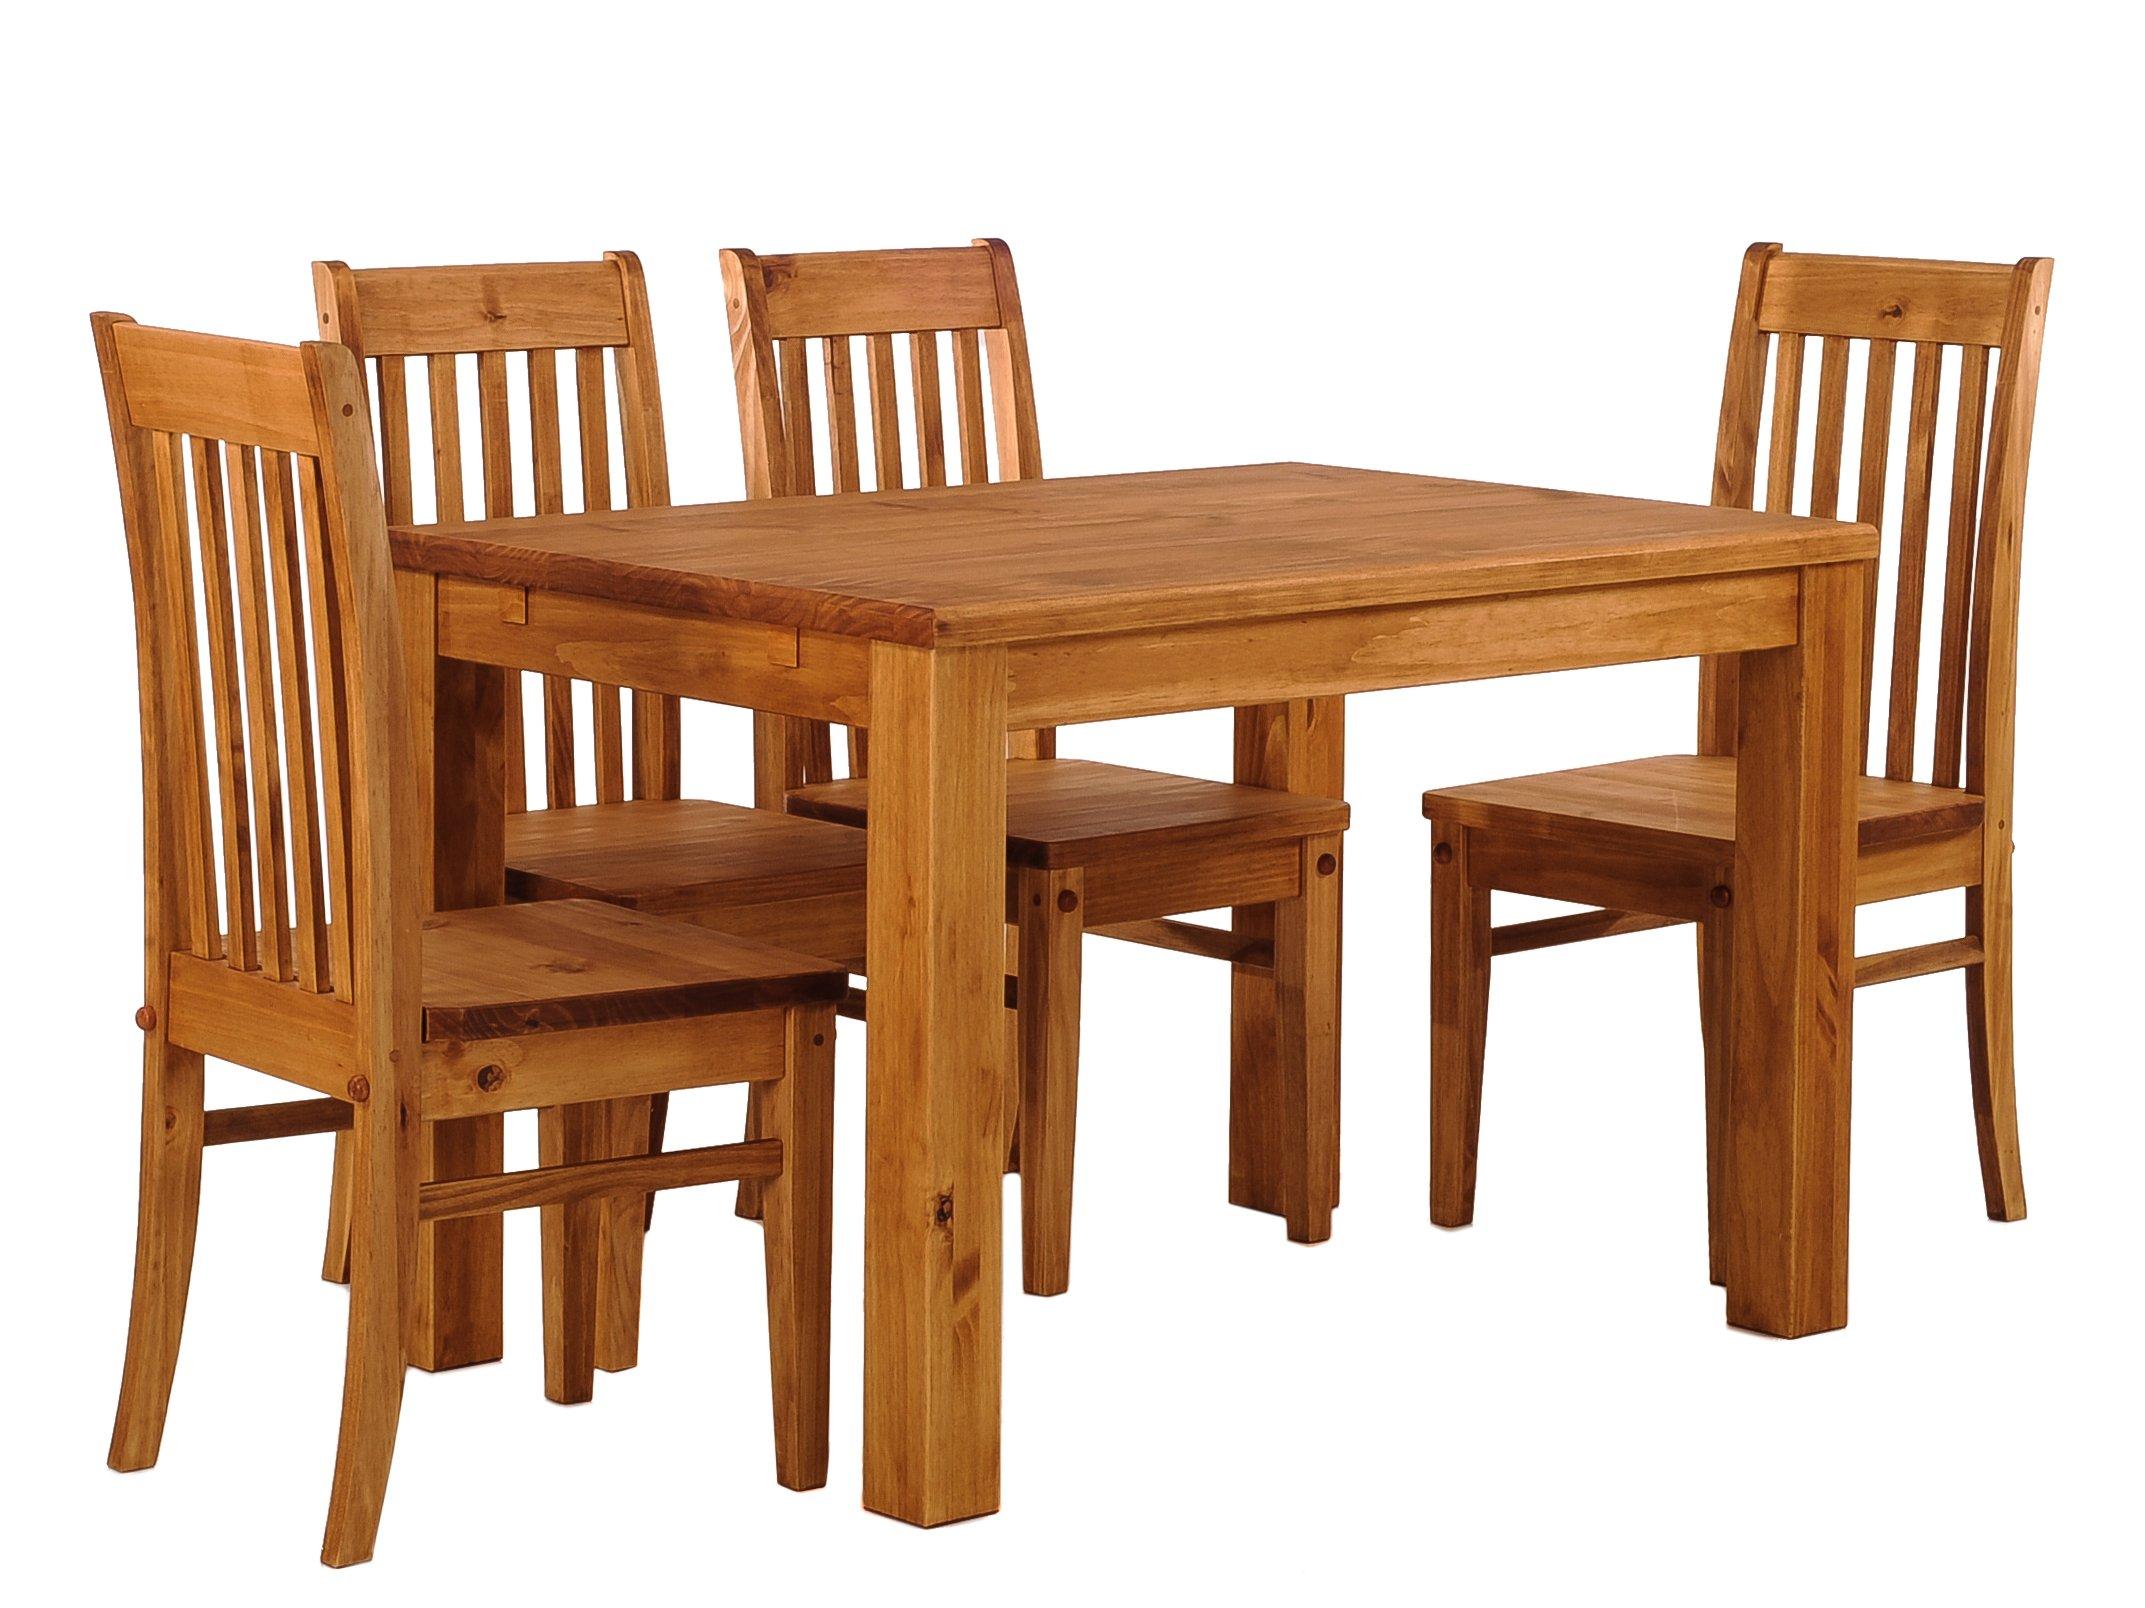 Juego de mesa de comedor para cuatro mesas, de madera maciza de miel, extensiones opcionales extensibles de pino de Río con 4 sillas: Amazon.es: Juguetes y juegos